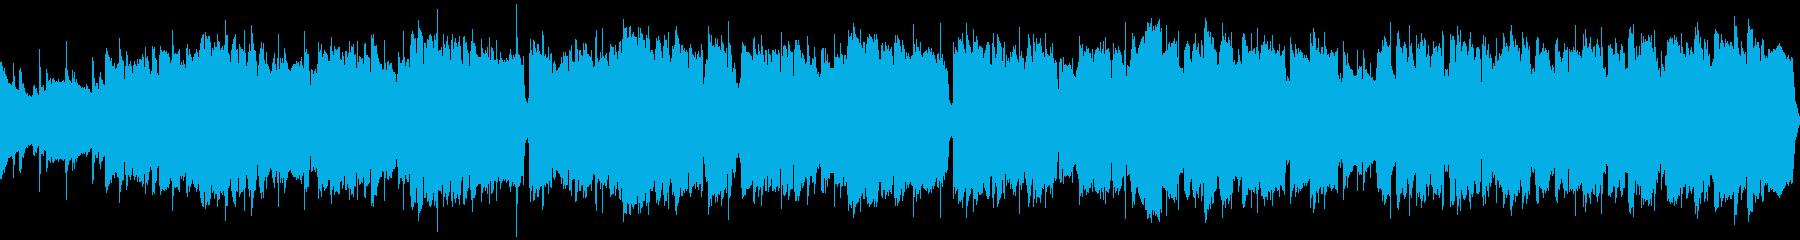 牧歌的村BGM(RPGファンタジー)の再生済みの波形